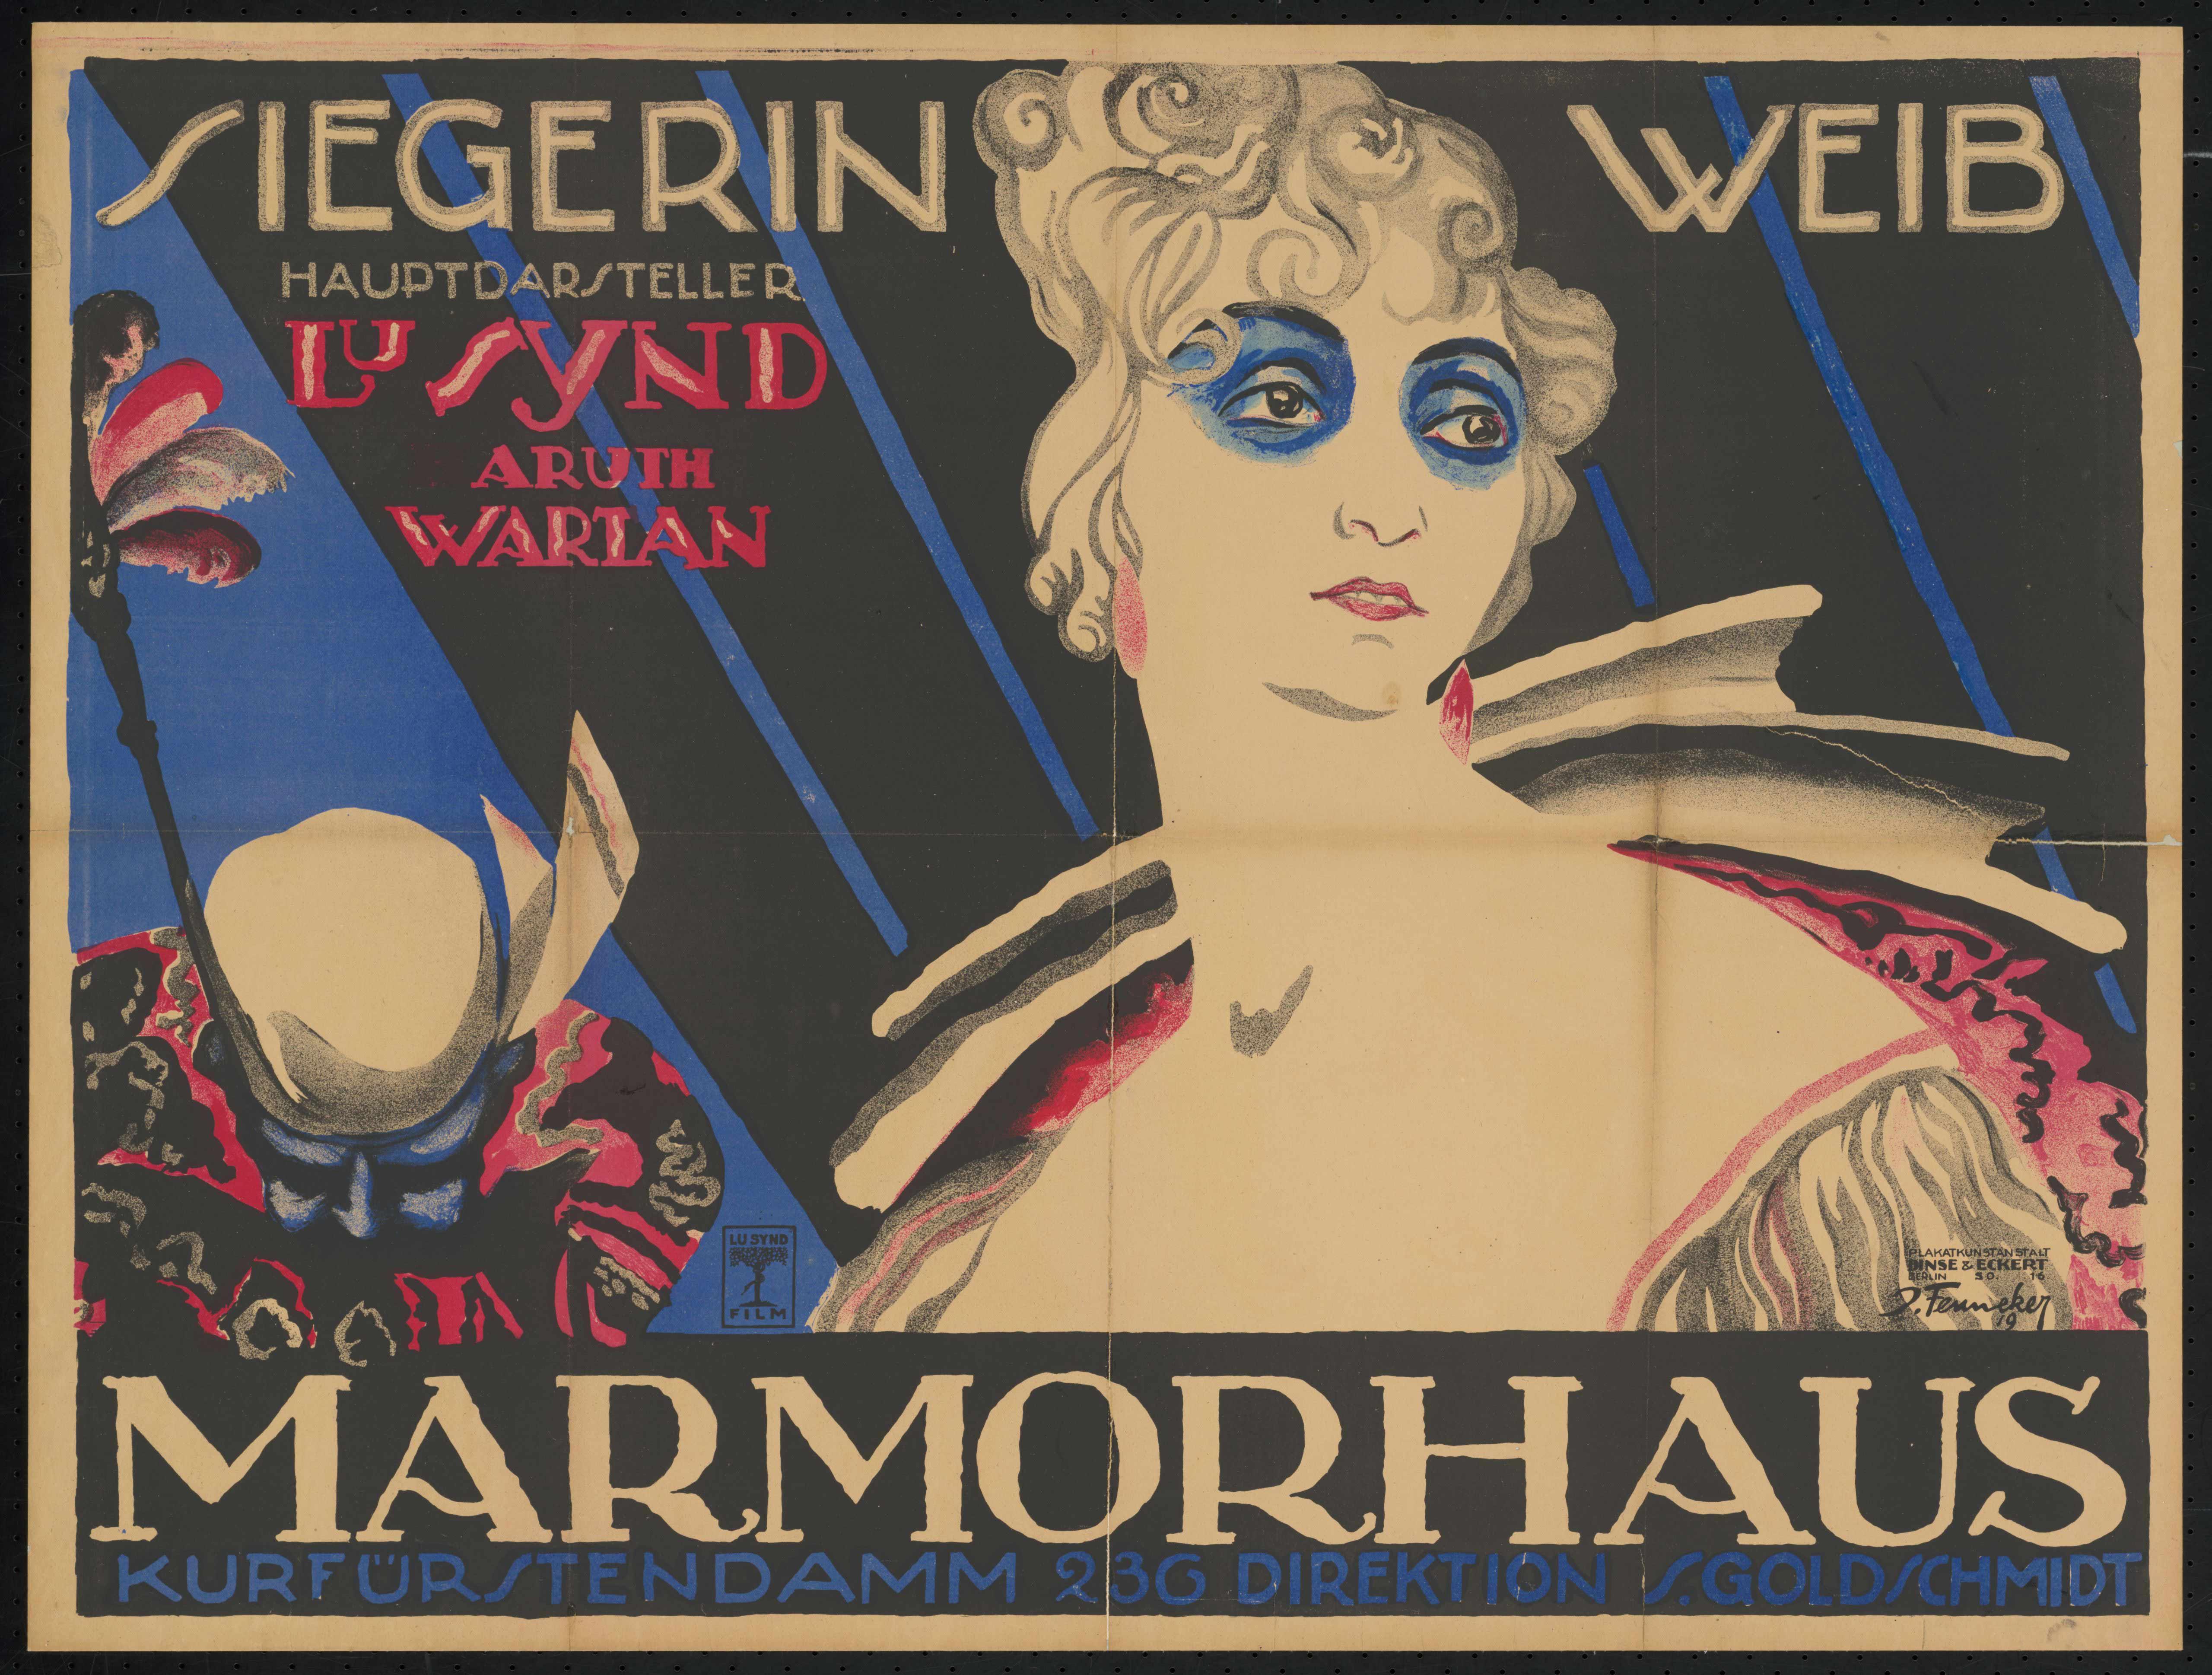 Plakat zu dem Film Siegerin Weib, Deutschland 1918, Regie: Aruth Wartan, von Plakatkünstler Josef Fenneker